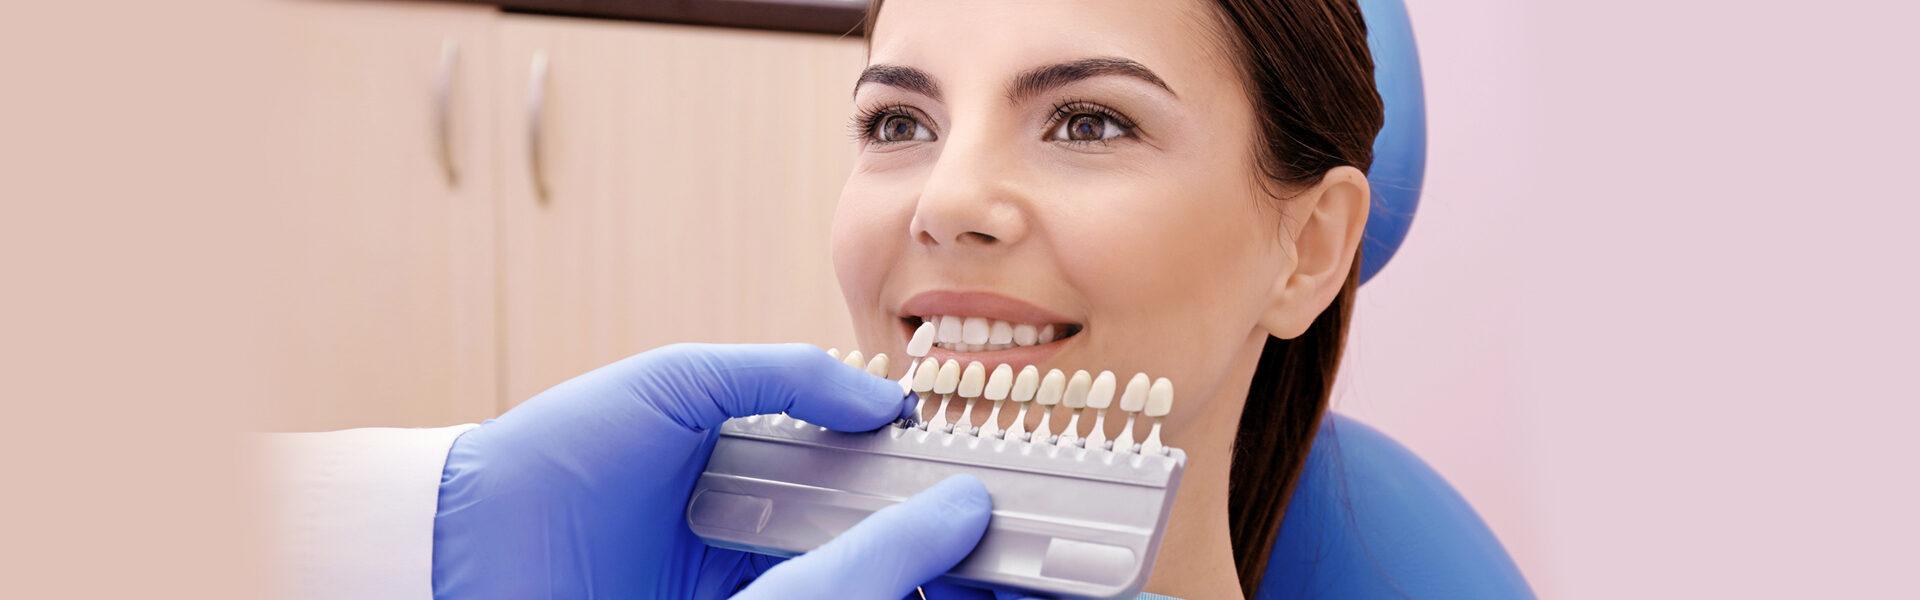 Dental Veneers in Wellesley, MA